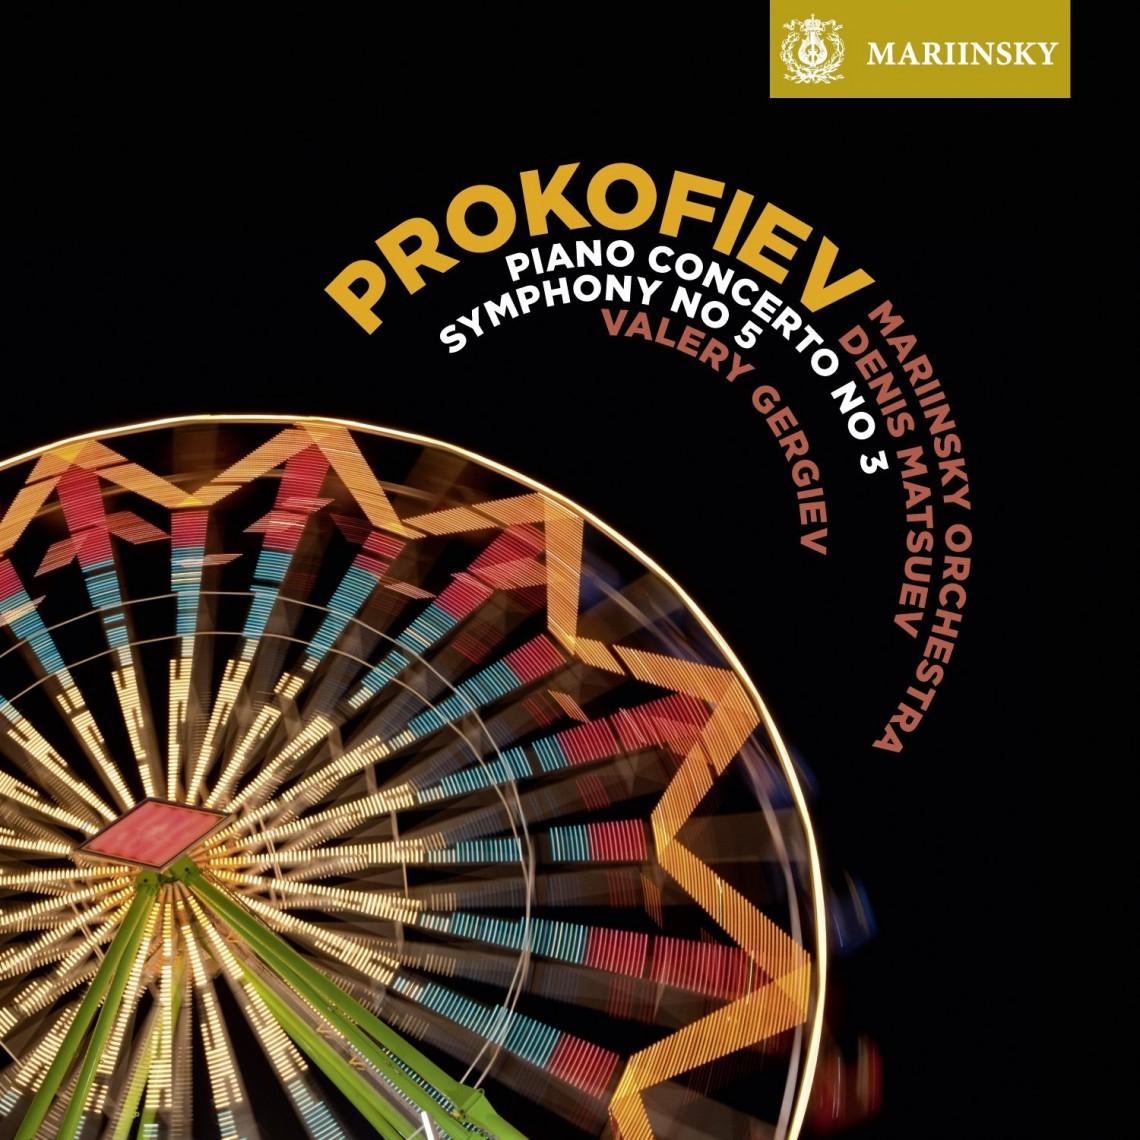 CD review: Prokofiev: Symphony No  5/Piano Concerto No  3